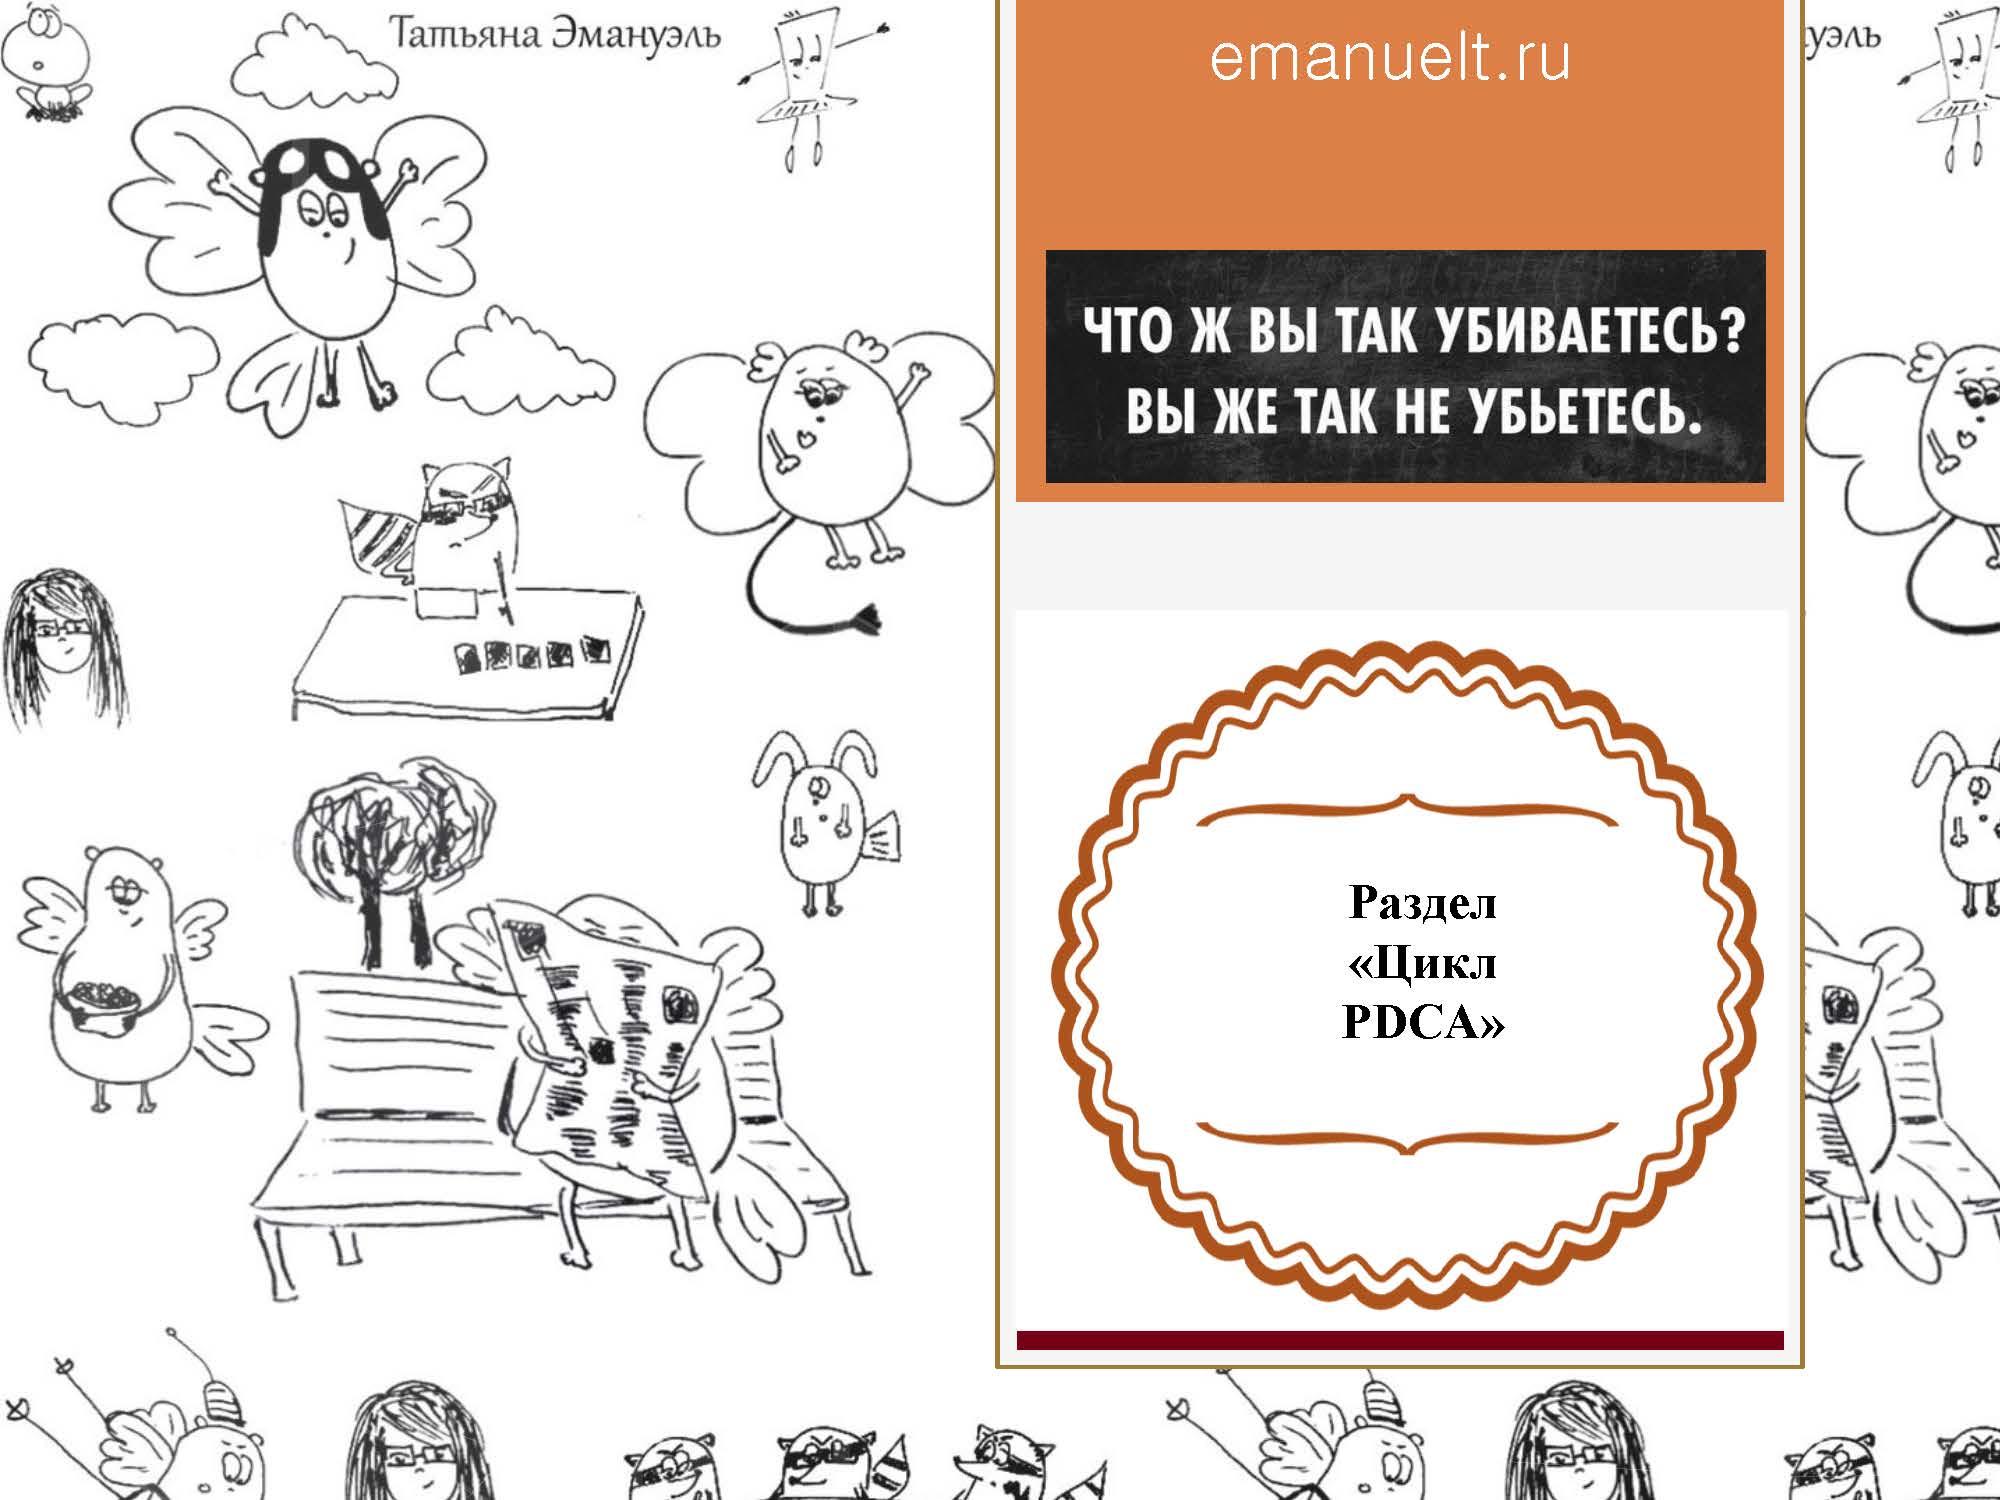 проектный эмануэль_Страница_05